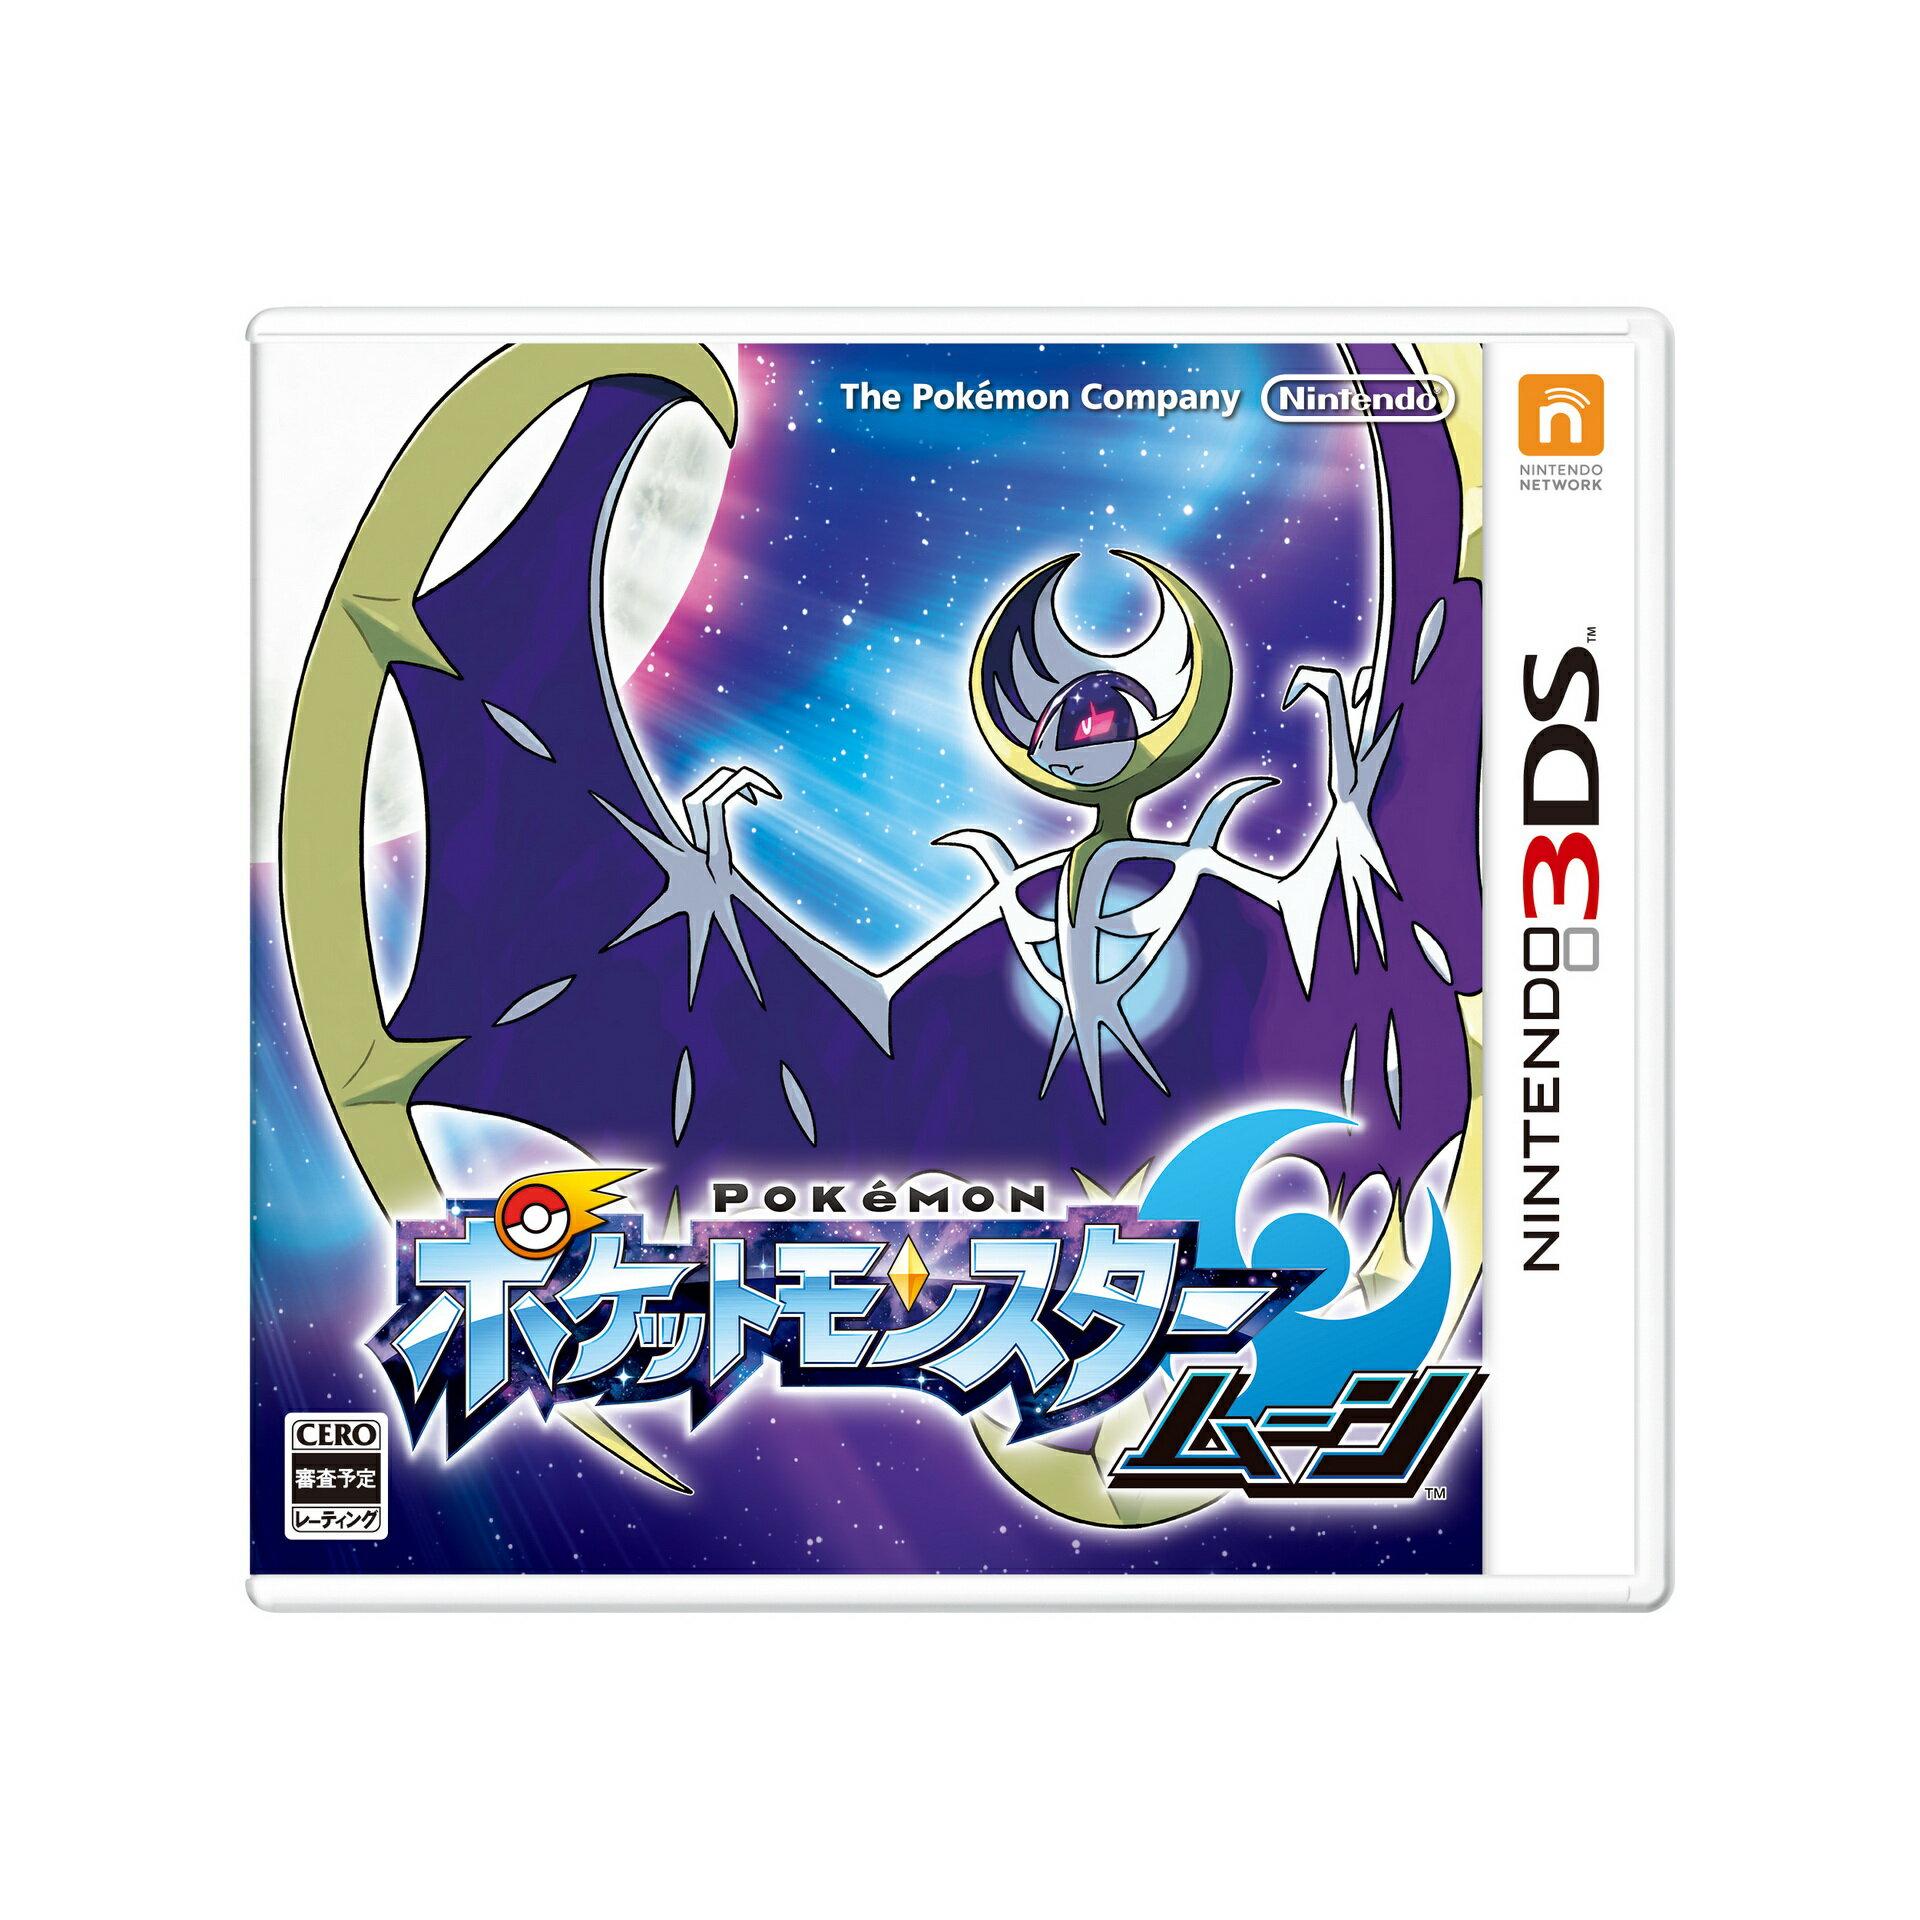 現貨供應中 中文版 日規主機專用 [普遍級] 3DS 神奇寶貝 月亮/精靈寶可夢 月亮